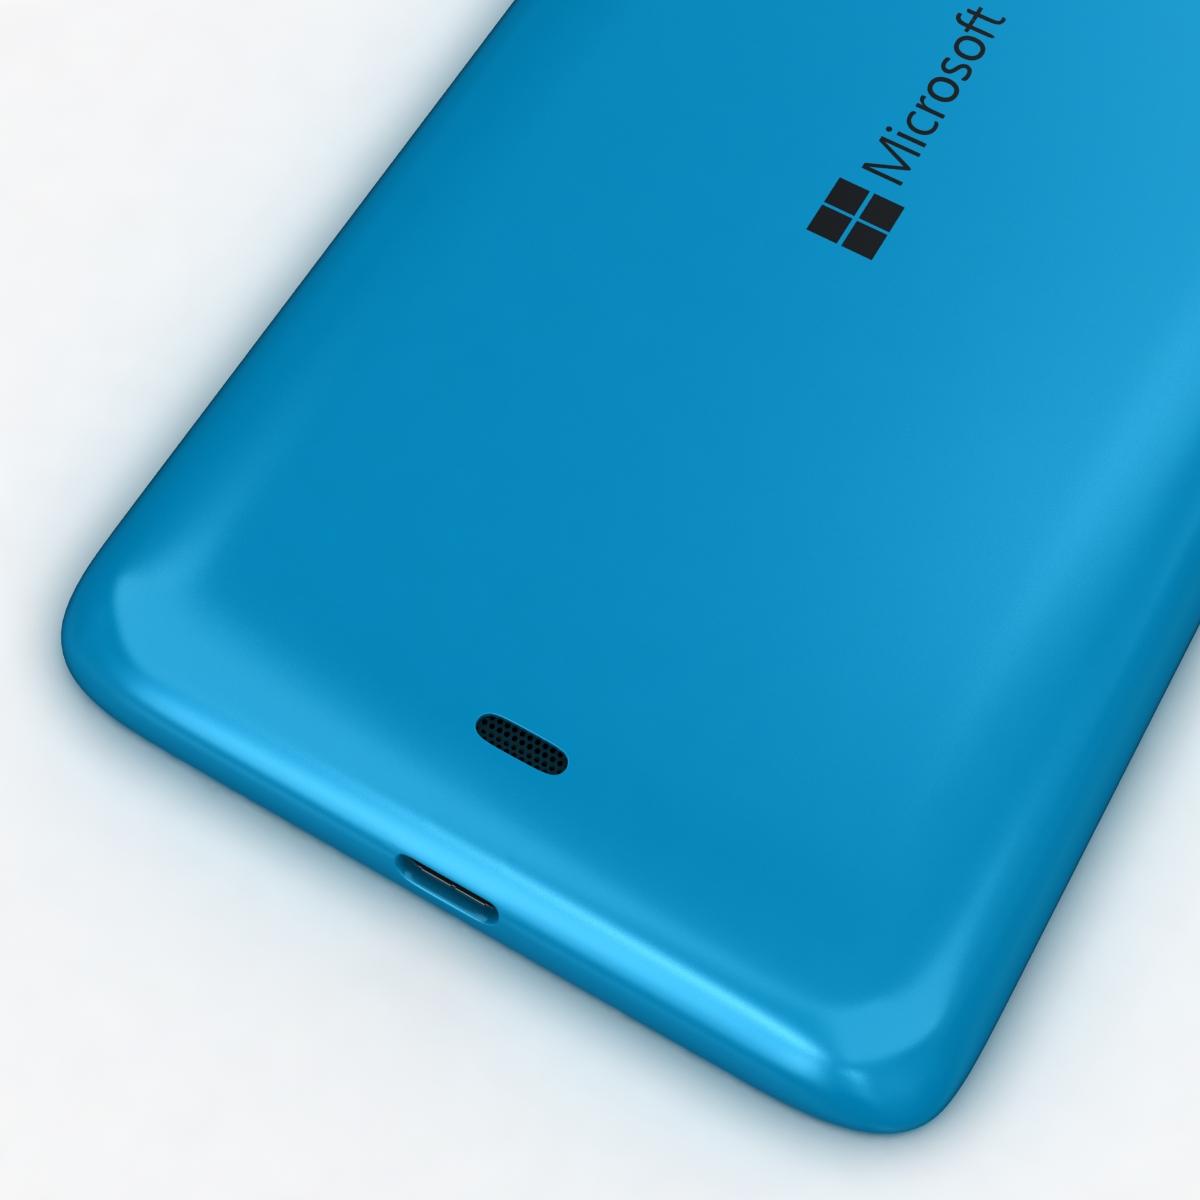 microsoft lumia 535 and dual sim all colors 3d model 3ds max fbx c4d obj 204698